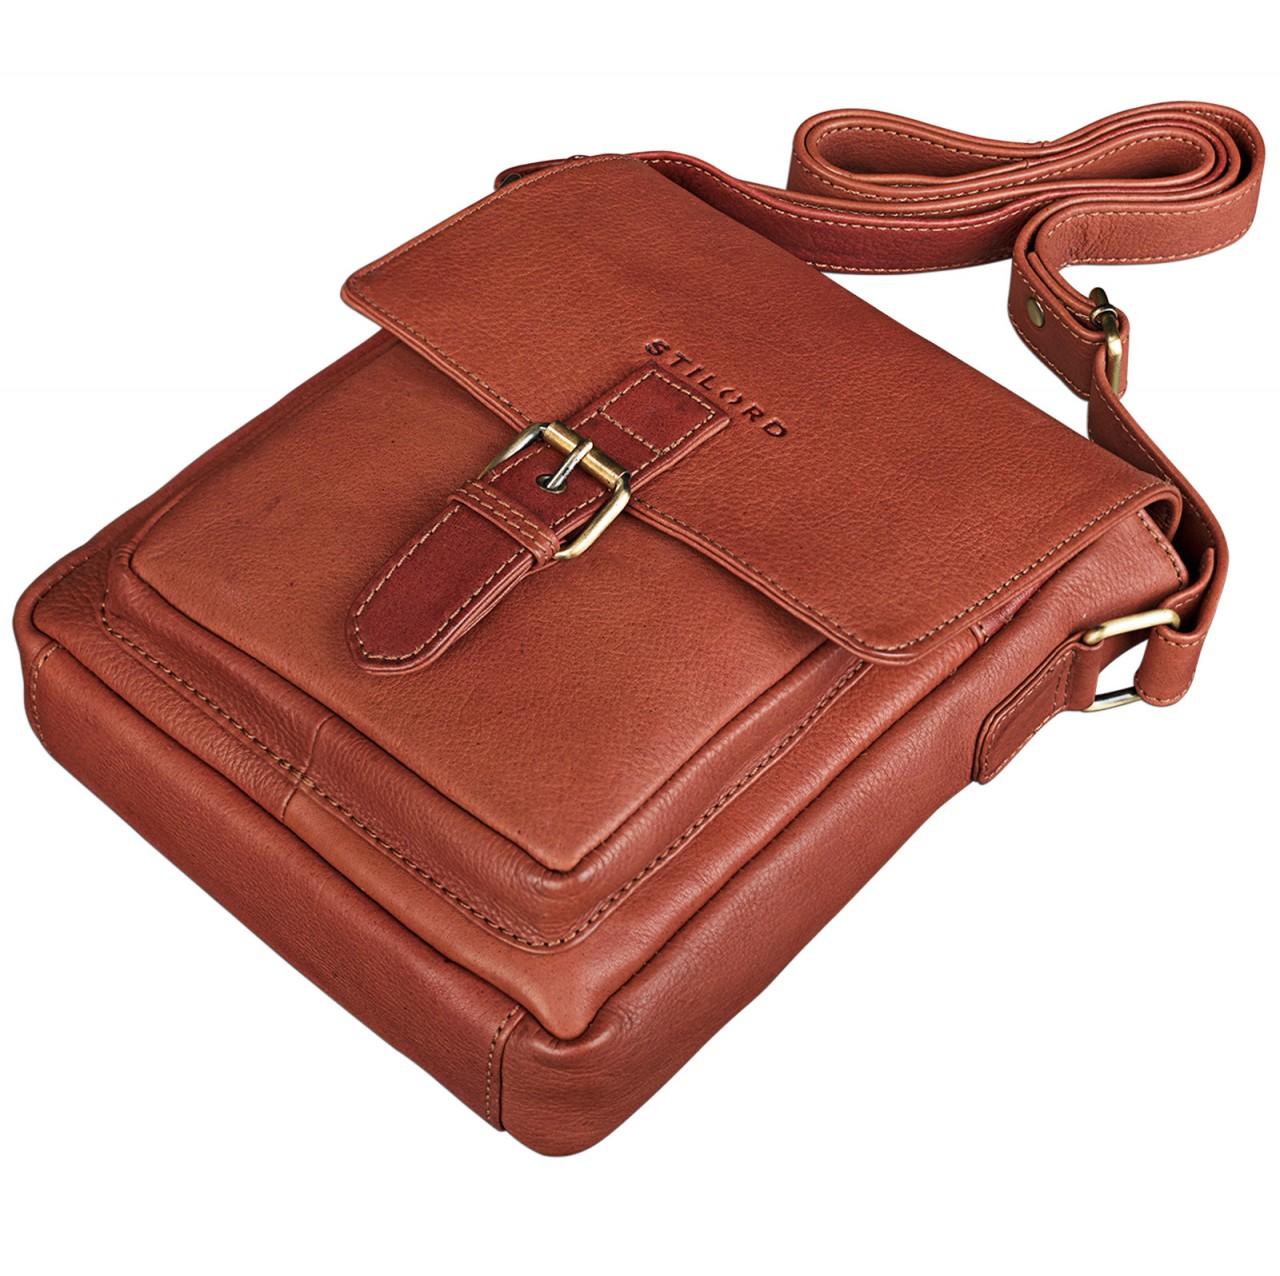 """STILORD """"Arne"""" Leder Messenger Bag klein Umhängetasche 8,4 Zoll Tablet Hülle Schultertasche Tablettasche weiches Rindsleder - Bild 17"""